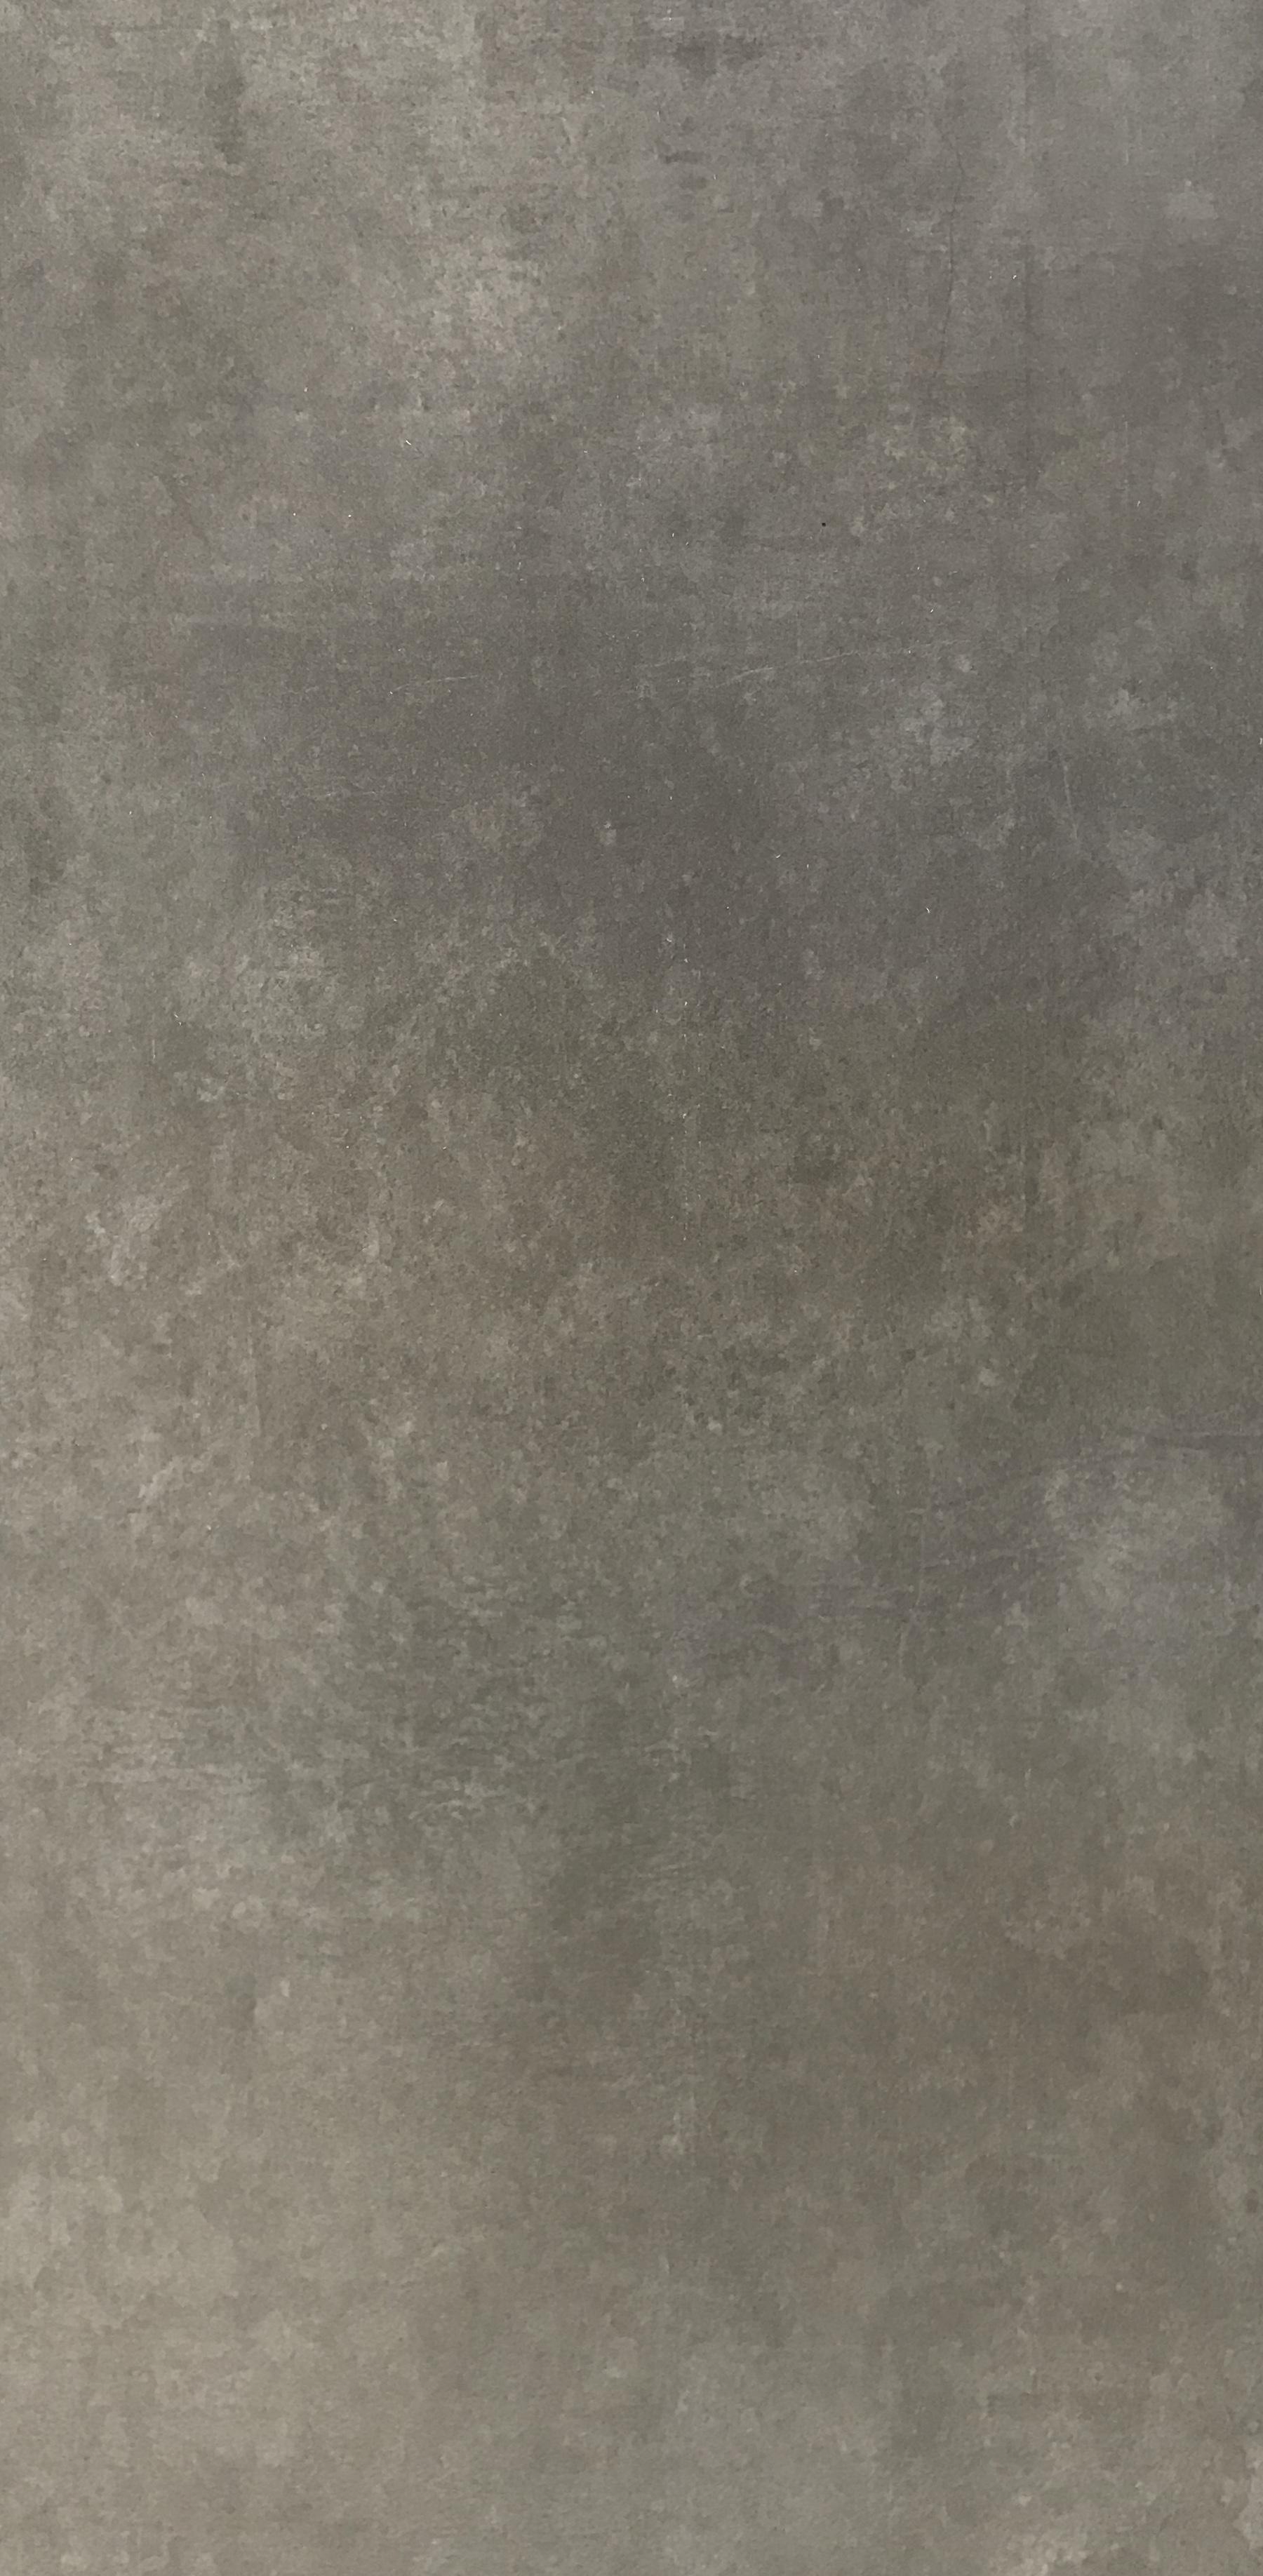 Interbau Blink Tessin matt Boden-/Wandfliese Betongrau 35x70